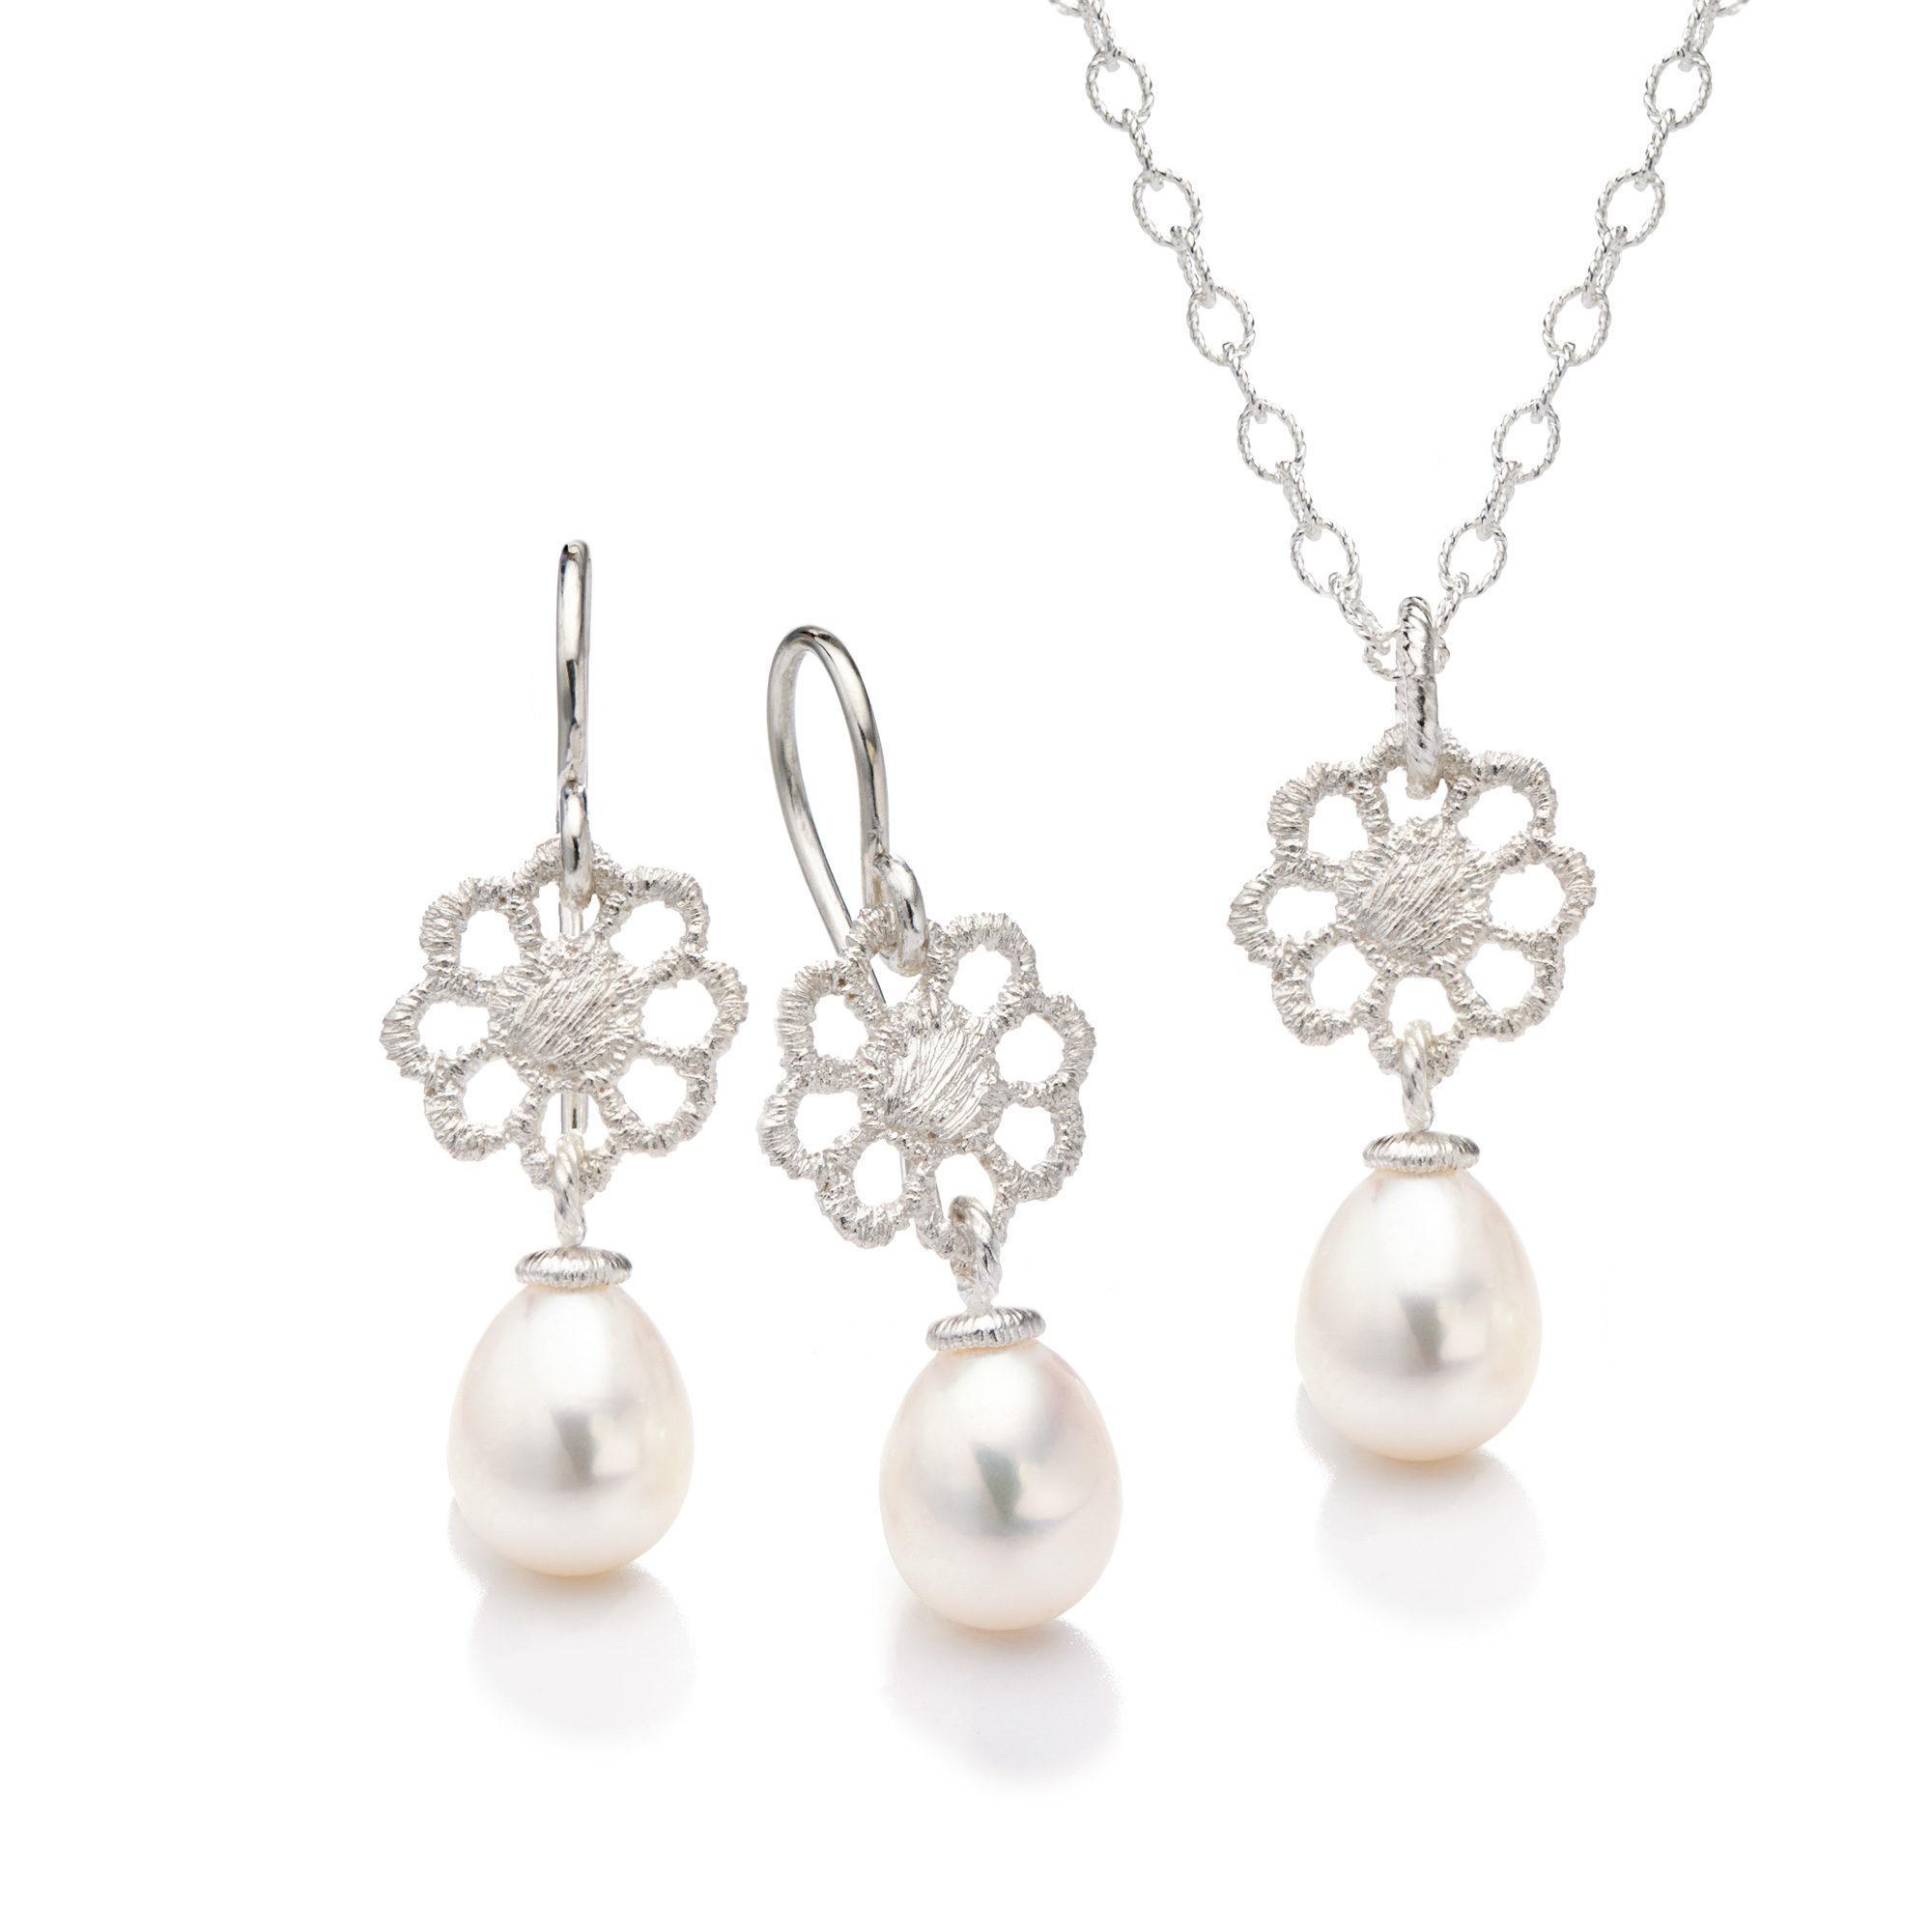 Brautschmuck set perlen  Brautschmuck-Set in Silber & Gold » Preisgekröntes Design in Spitze